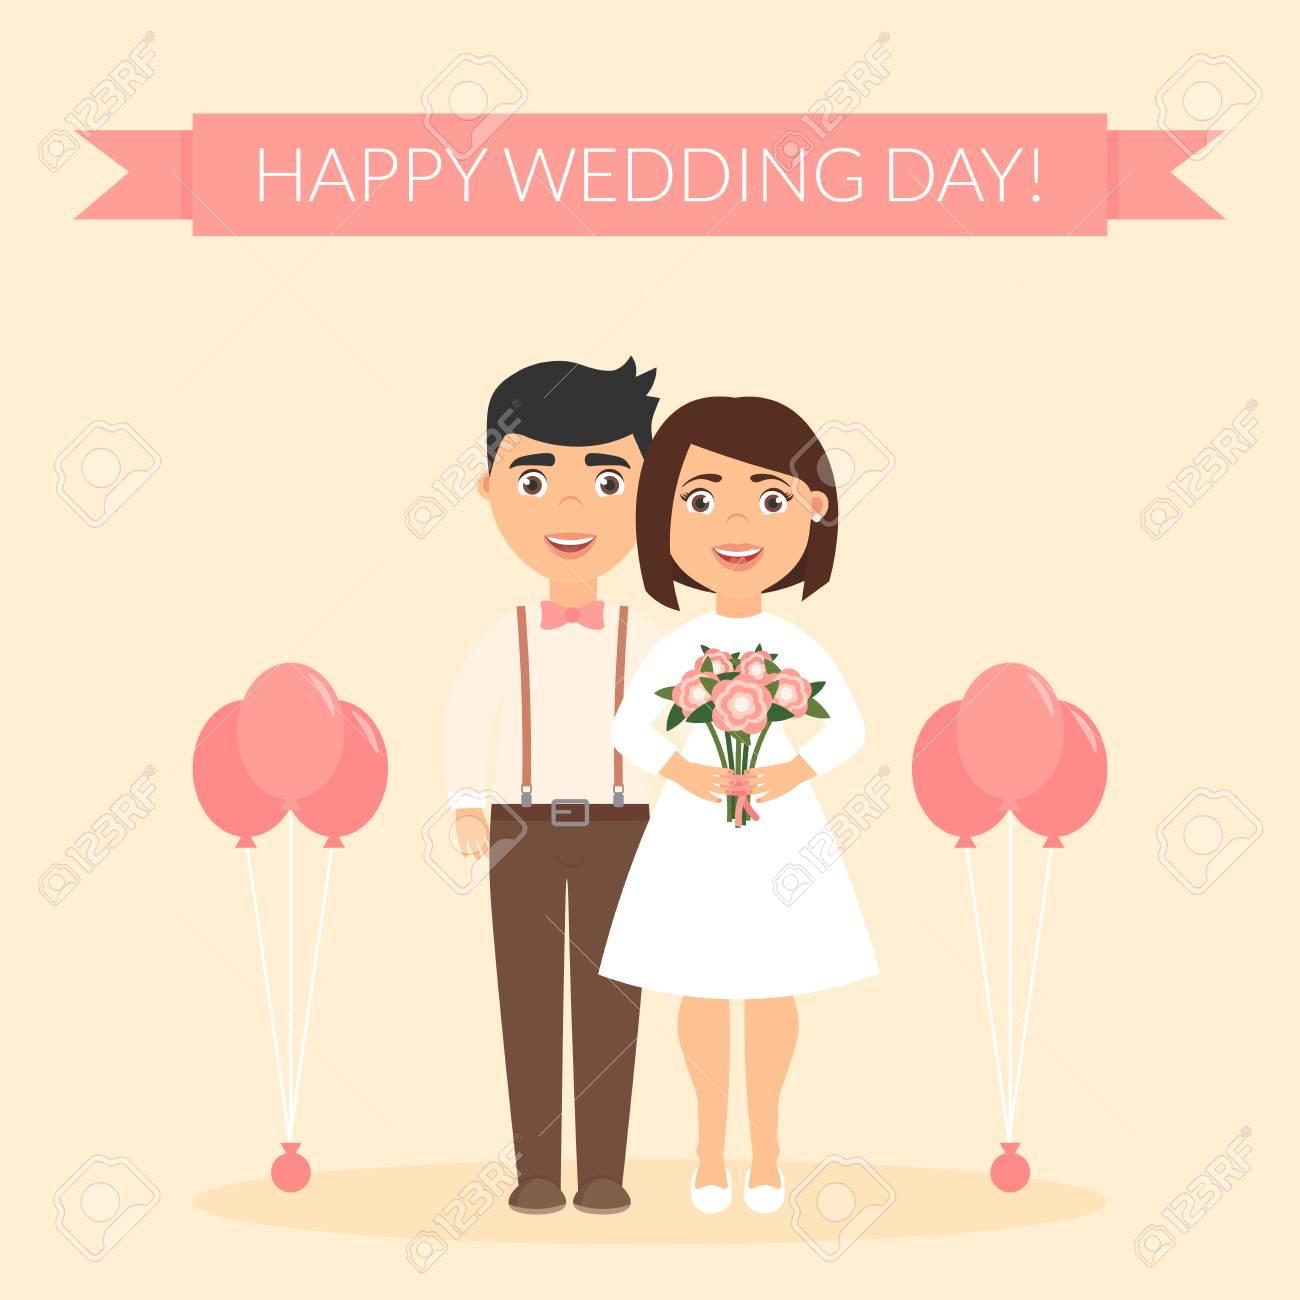 Banque d\u0027images , Jour de mariage heureux. Carte de voeux pour les jeunes  mariés. Illustration vectorielle festive. Mignon beau couple.